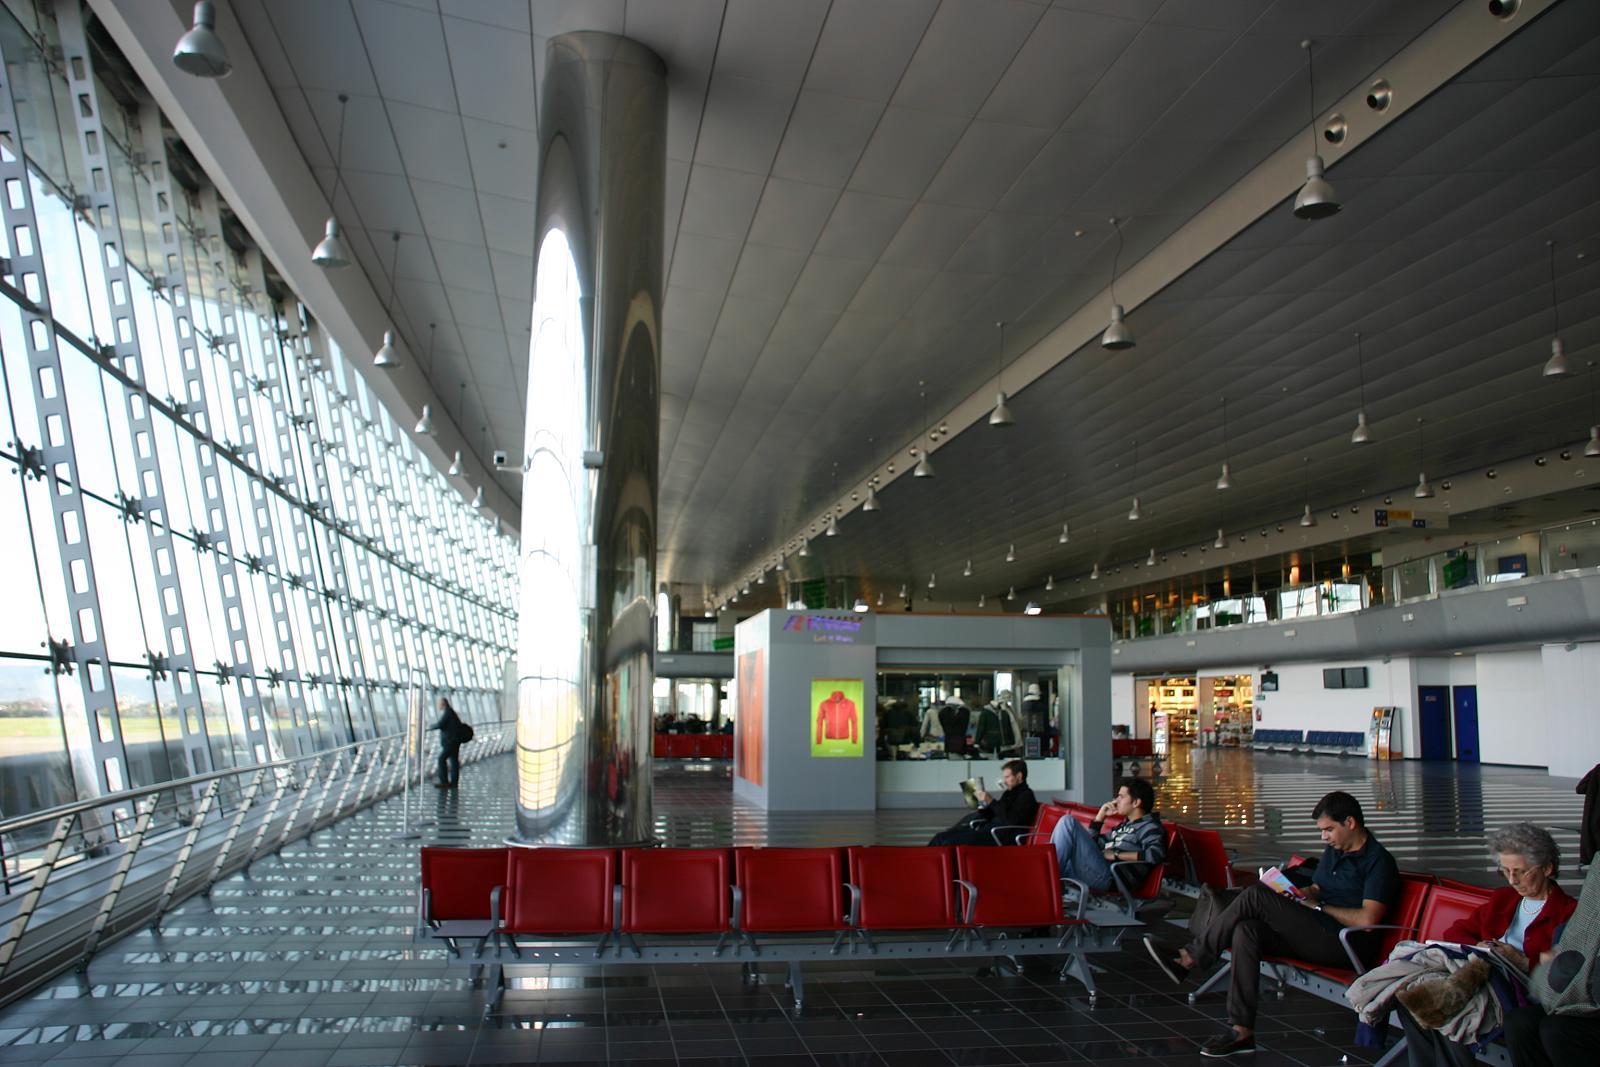 Aeroporto Torino : Aeroporto di torino g